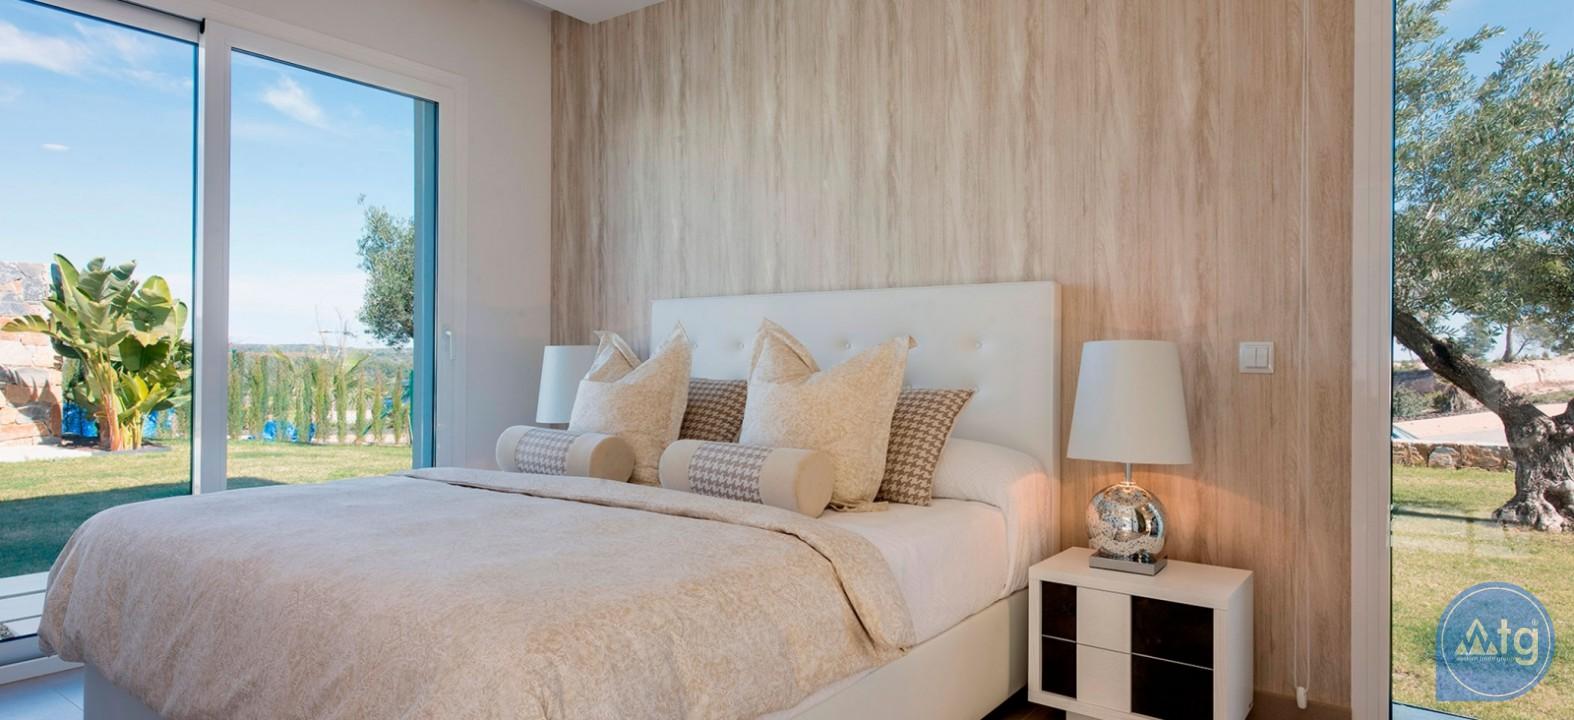 1 bedroom Apartment in Pilar de la Horadada  - SR2615 - 4